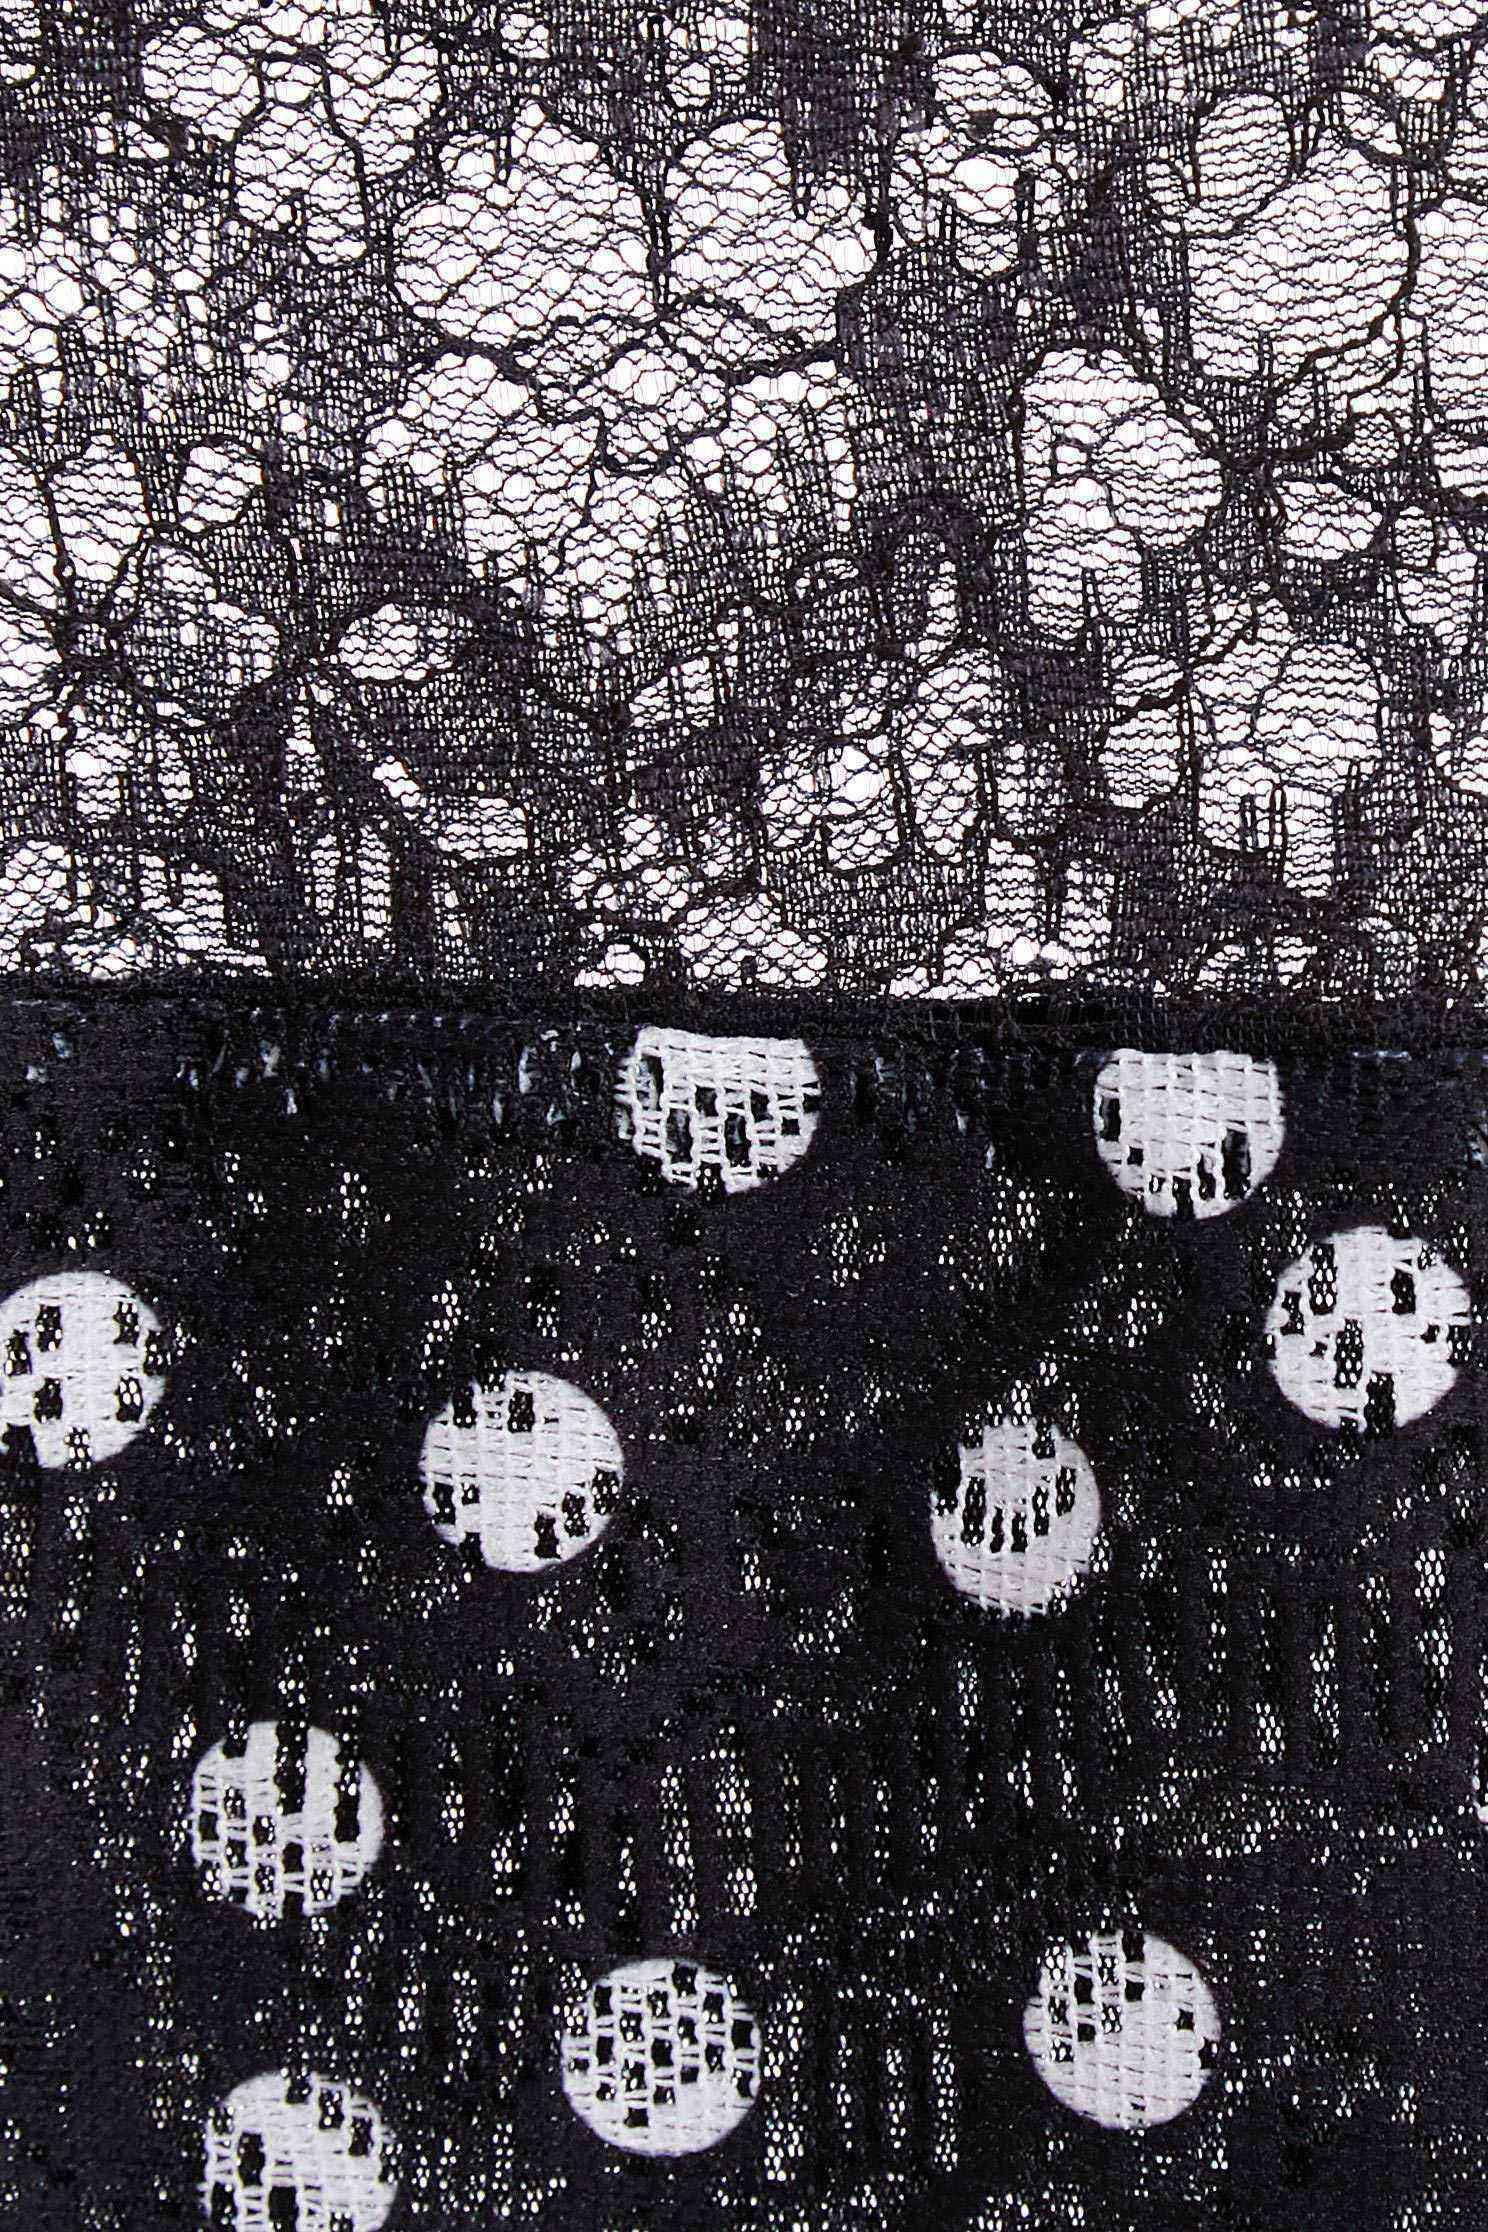 點點蕾絲拼接上衣,上衣,春夏穿搭,秋冬穿搭,簍空上衣,蕾絲,蕾絲上衣,透膚上衣,風象星座幸運色,黑色上衣